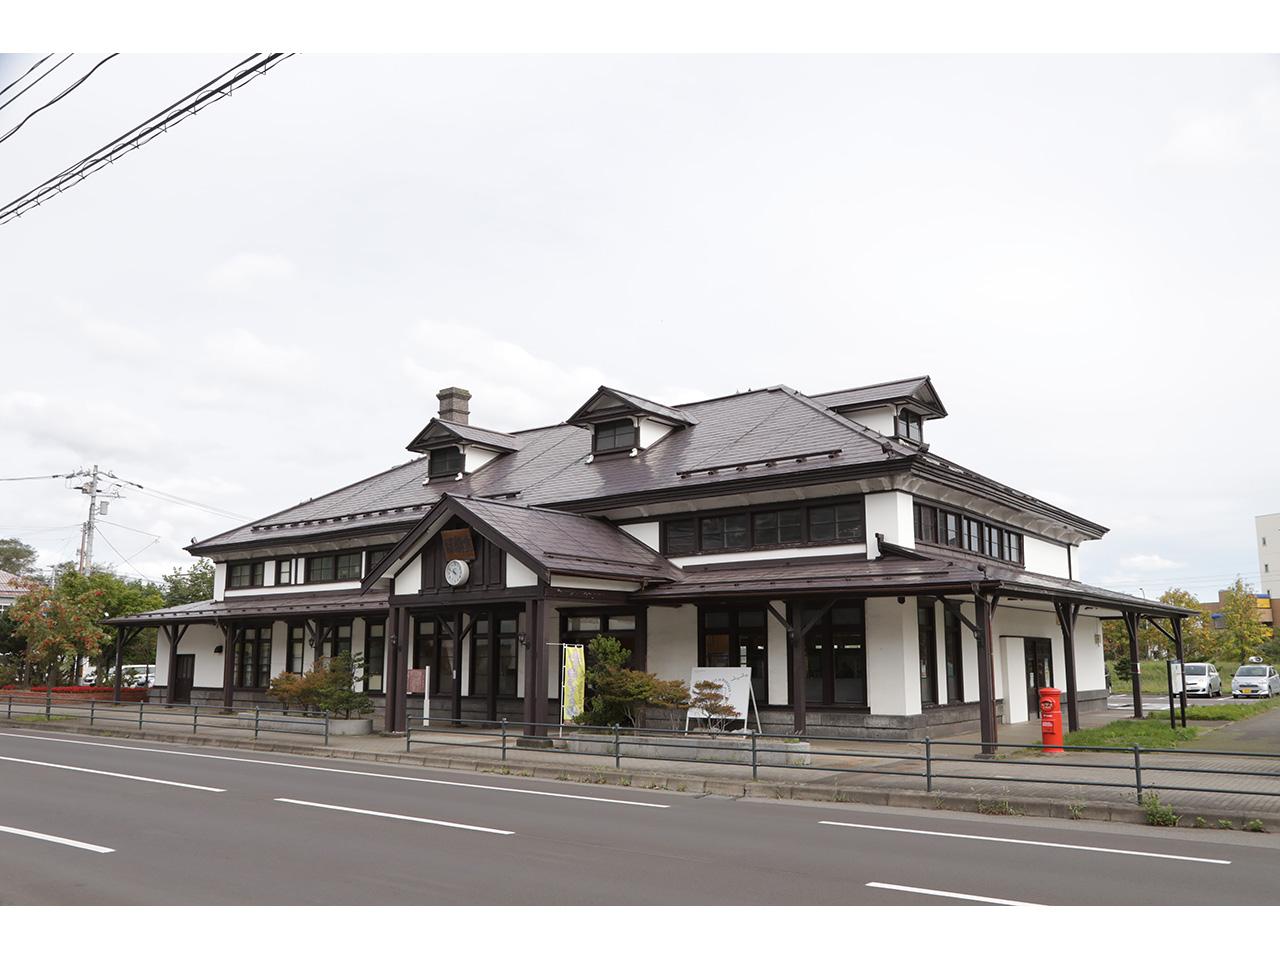 画像:室蘭市旧室蘭駅舎(1)